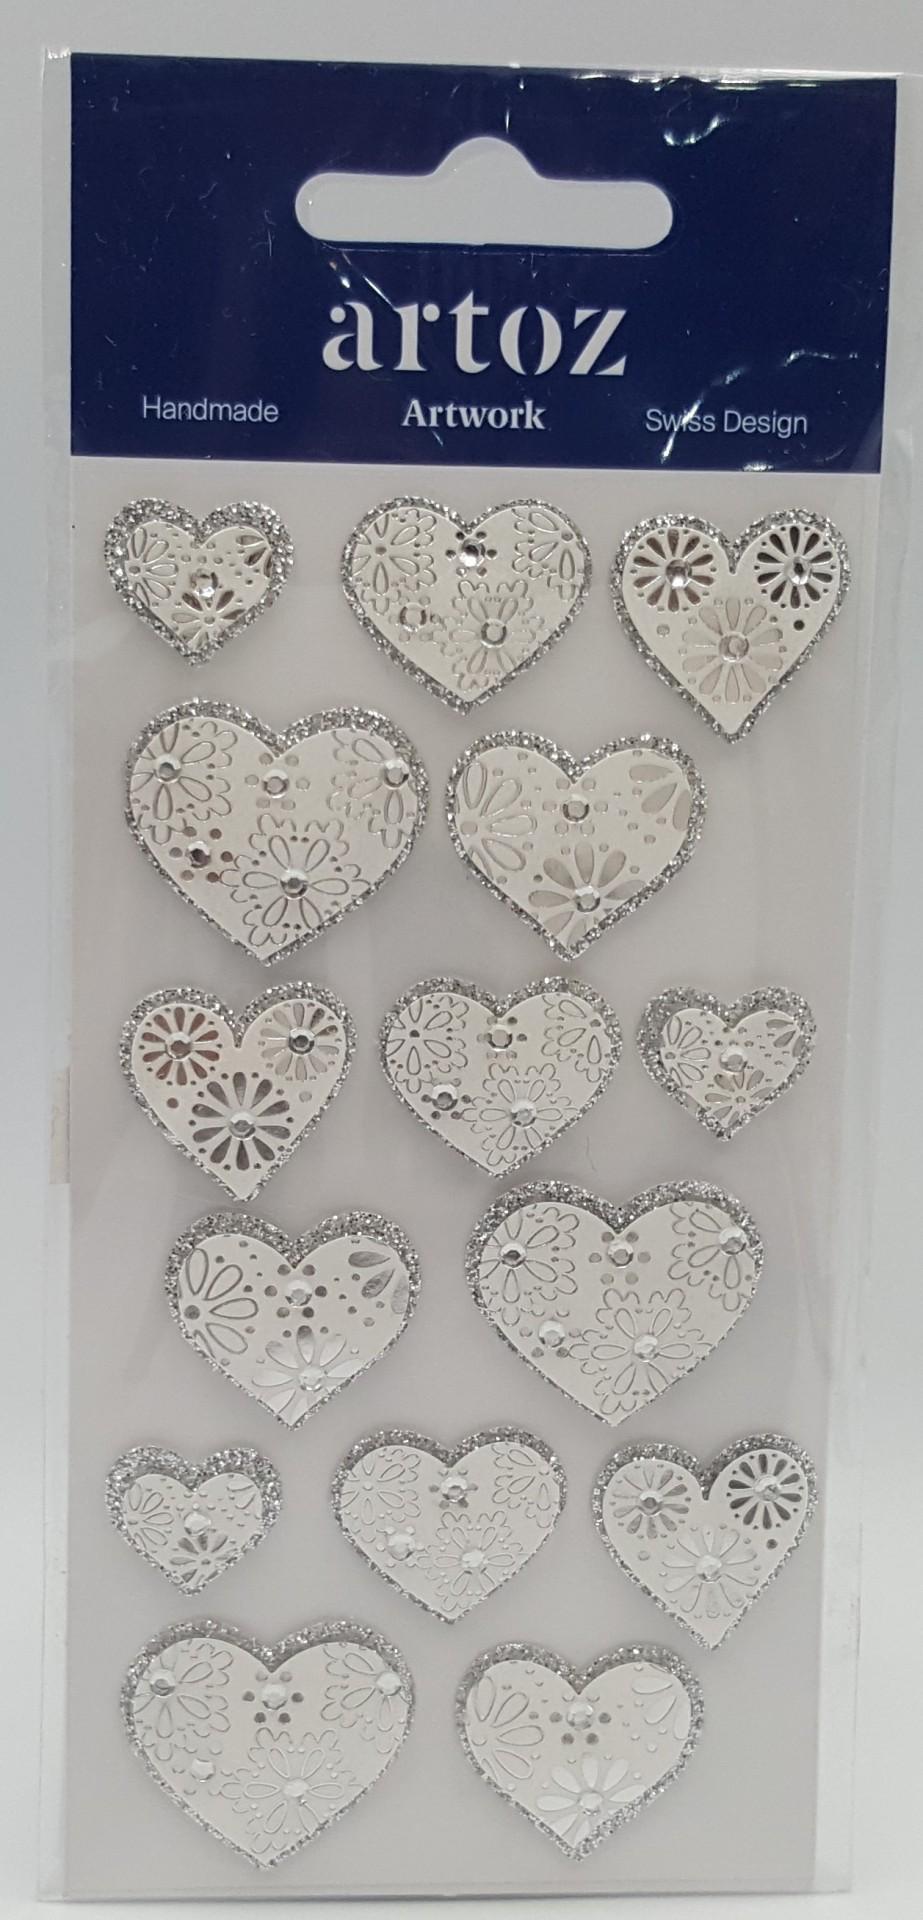 Aplicações scrapbooking - corações prata trabalhados